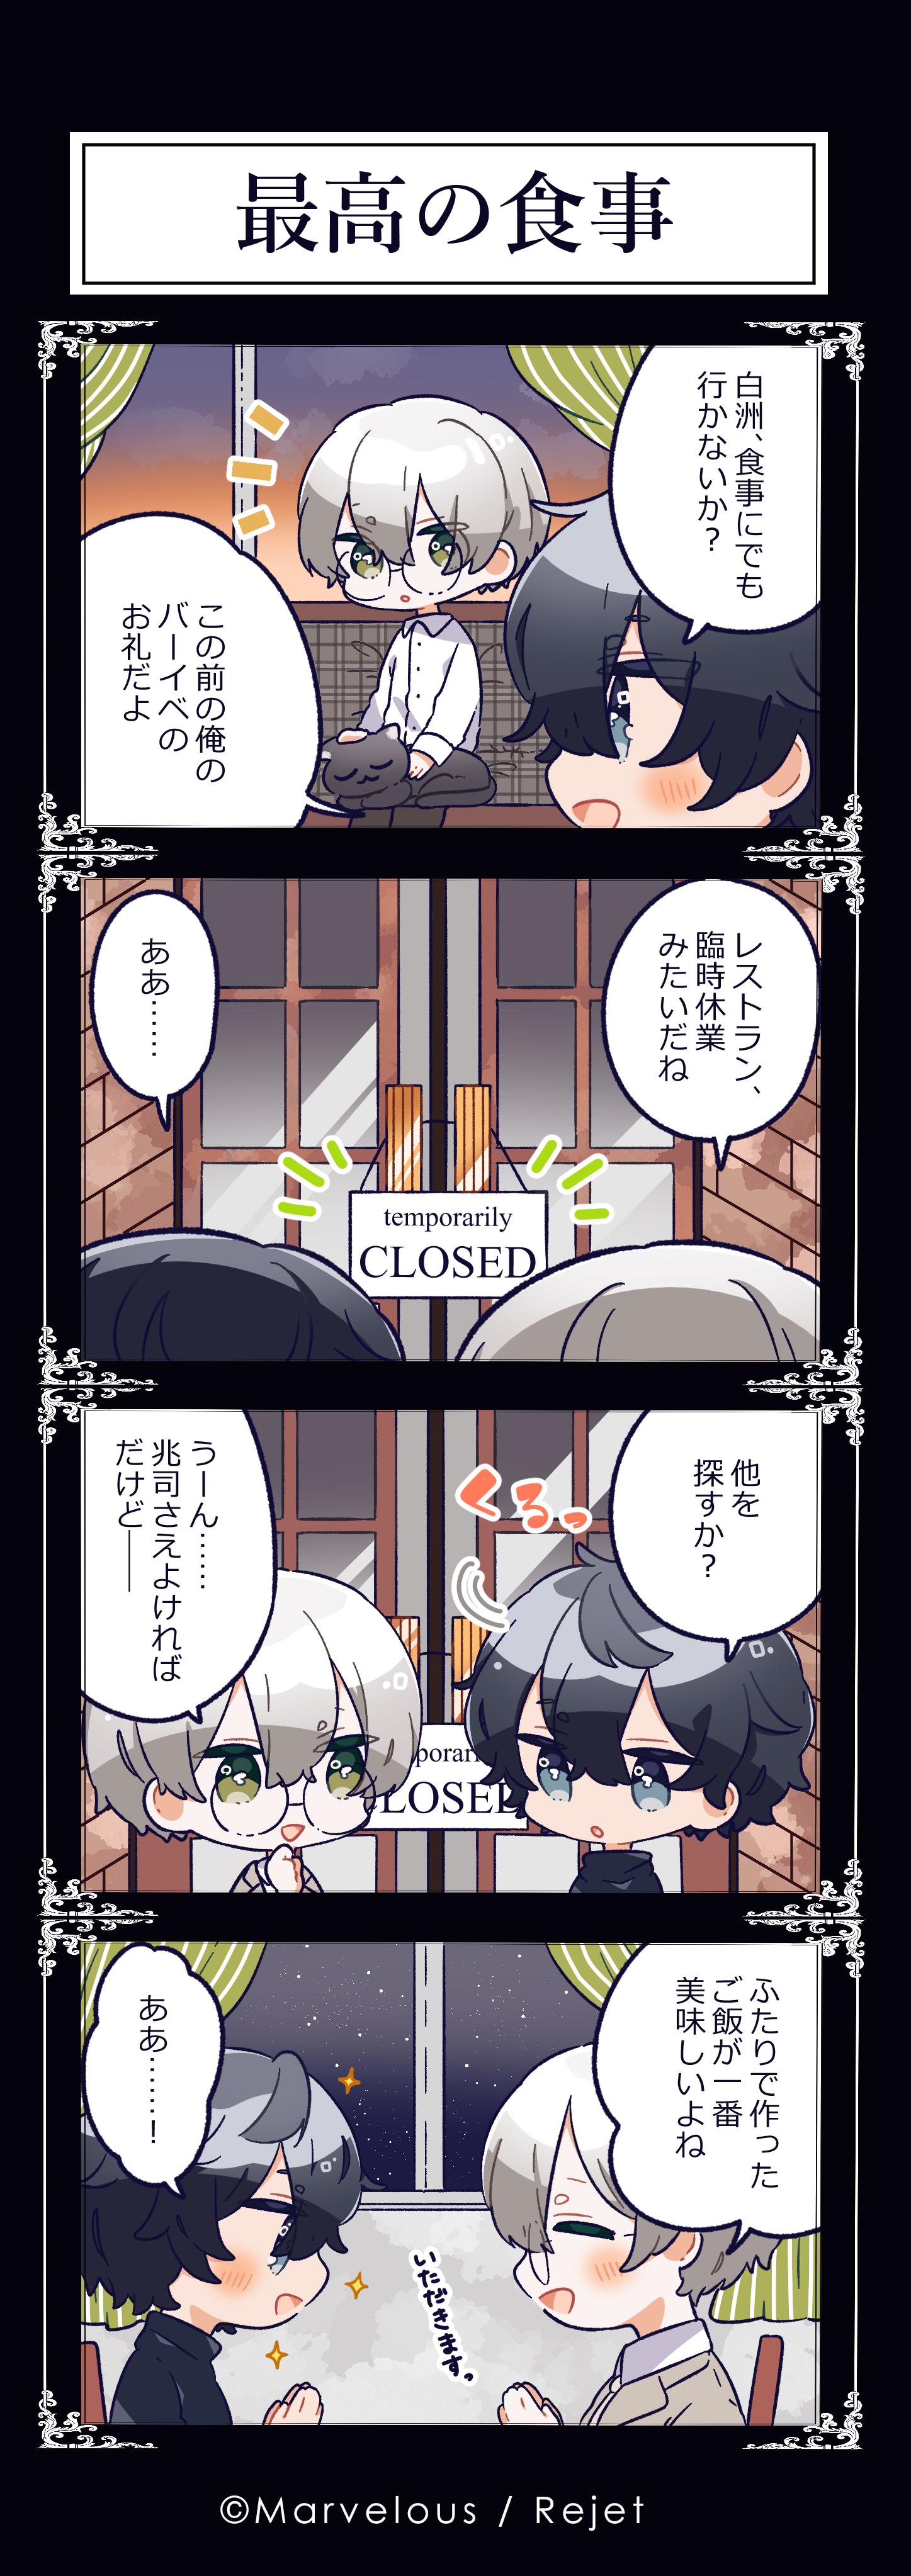 【9月投稿分】mawoko_FN4コマ2 (1).png